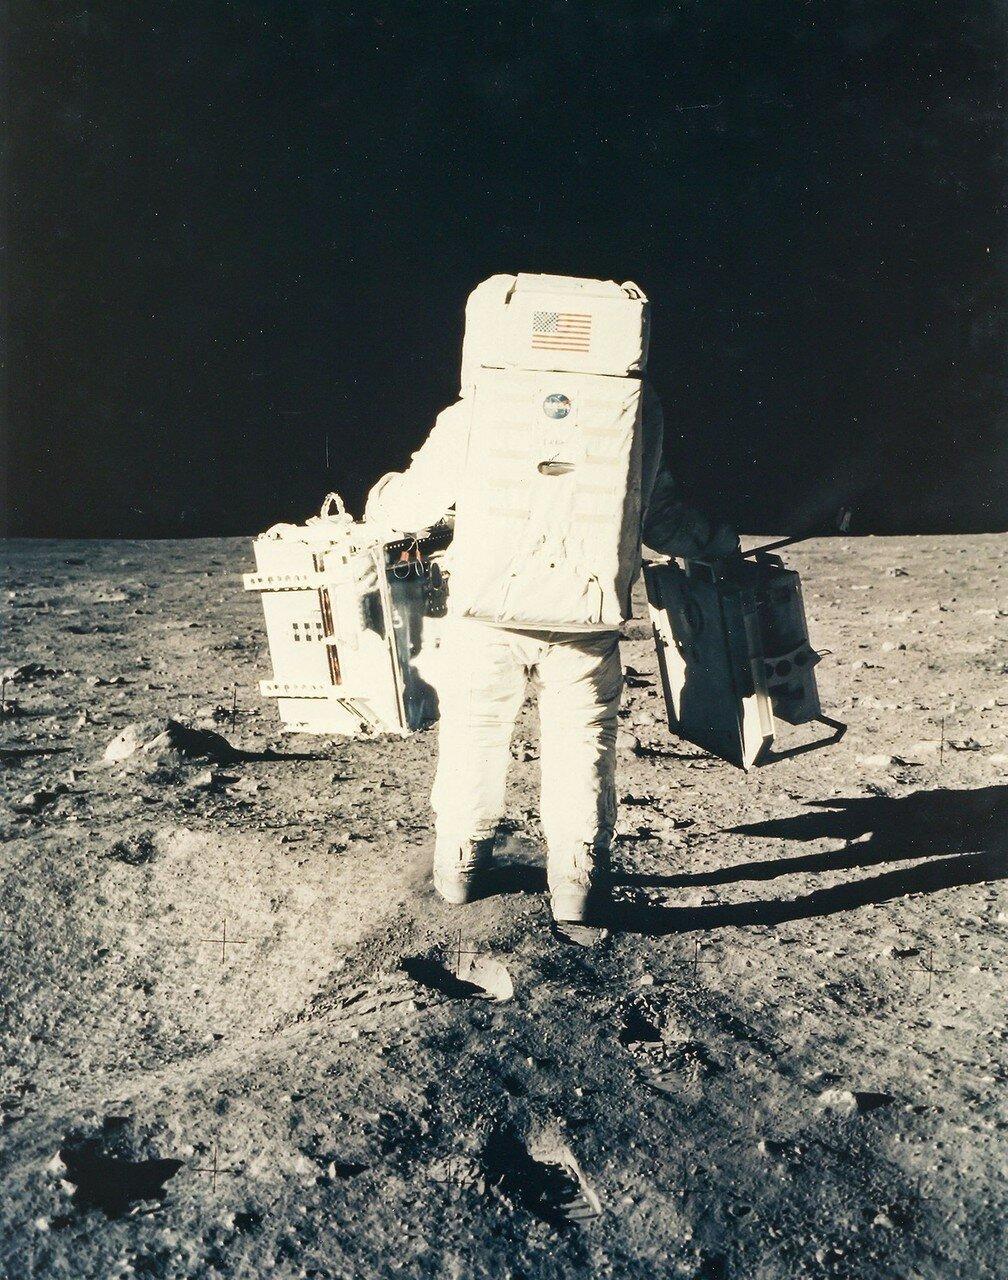 Олдрин выгрузил приборы и перенёс к выбранному, относительно ровному месту. На снимке: Базз Олдрин отходит от Лунного Модуля